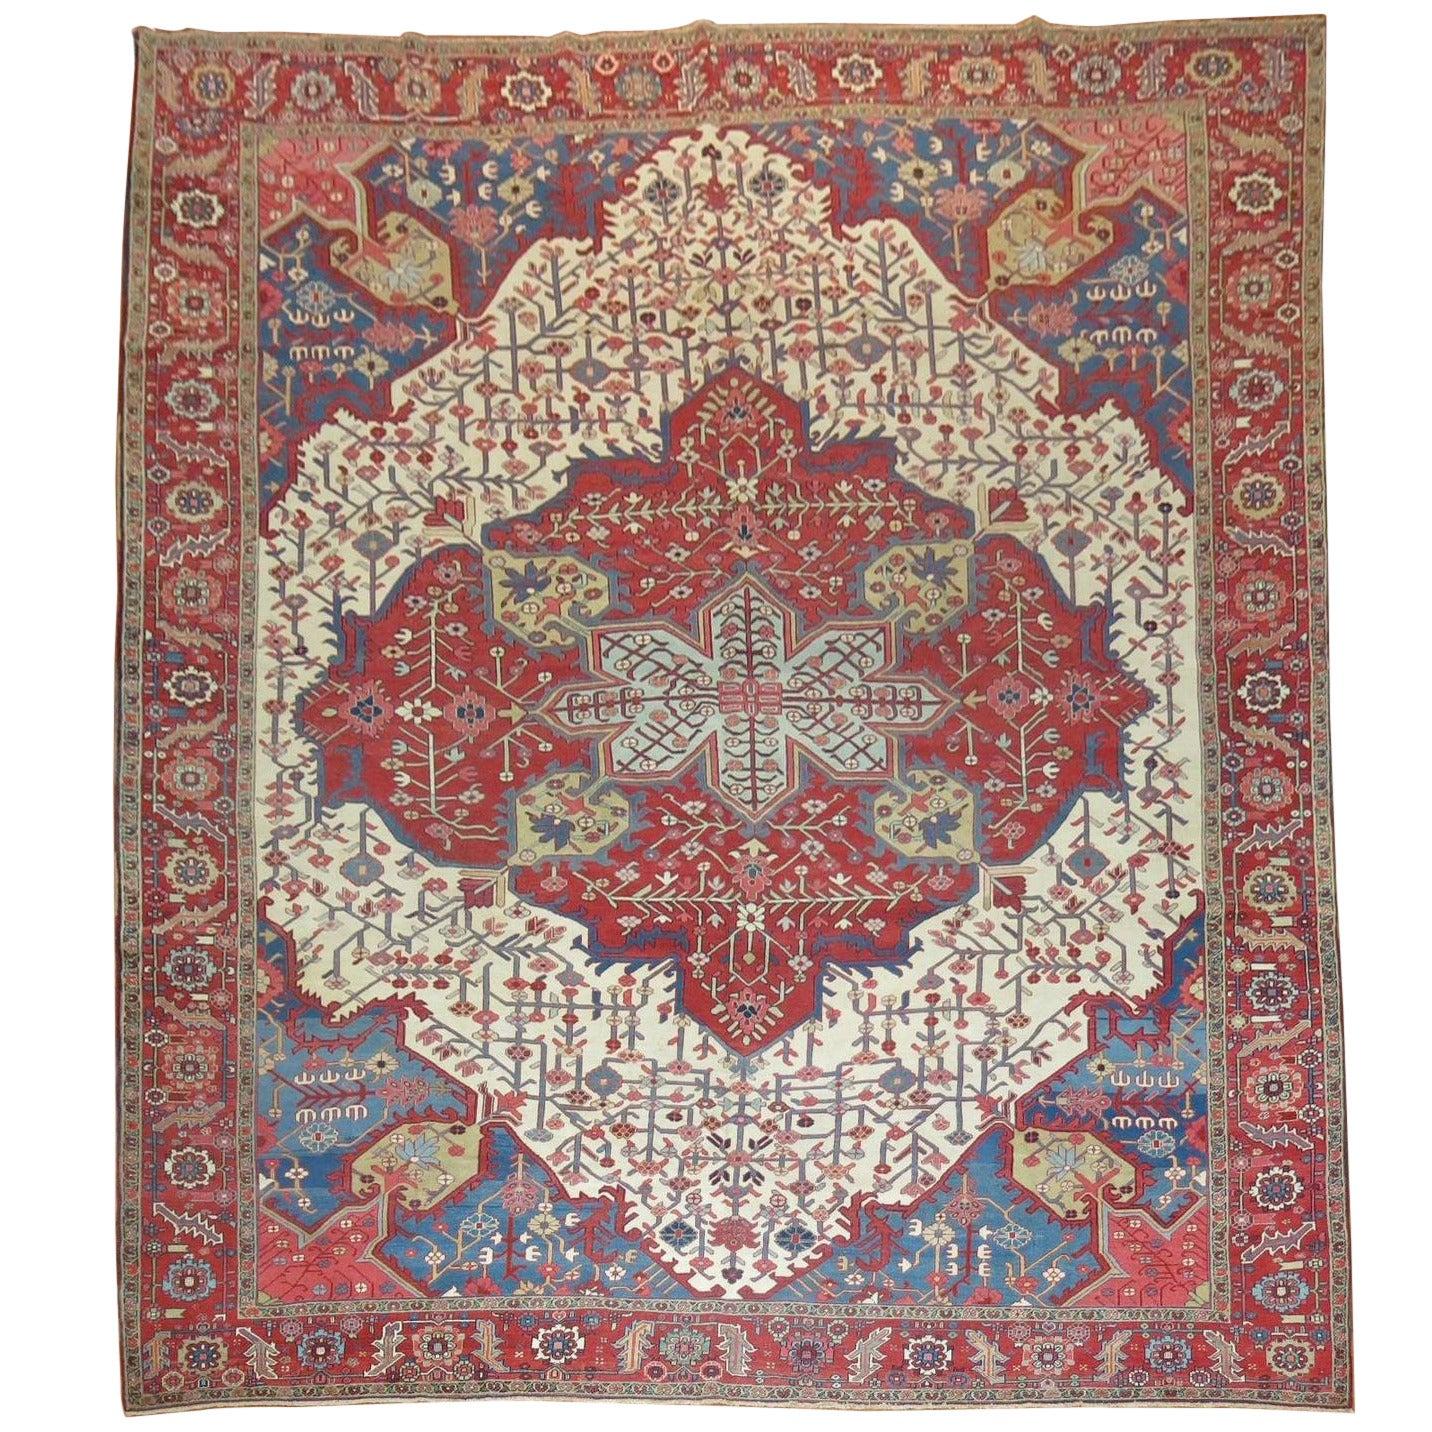 19th Century Antique Persian Serapi Rug